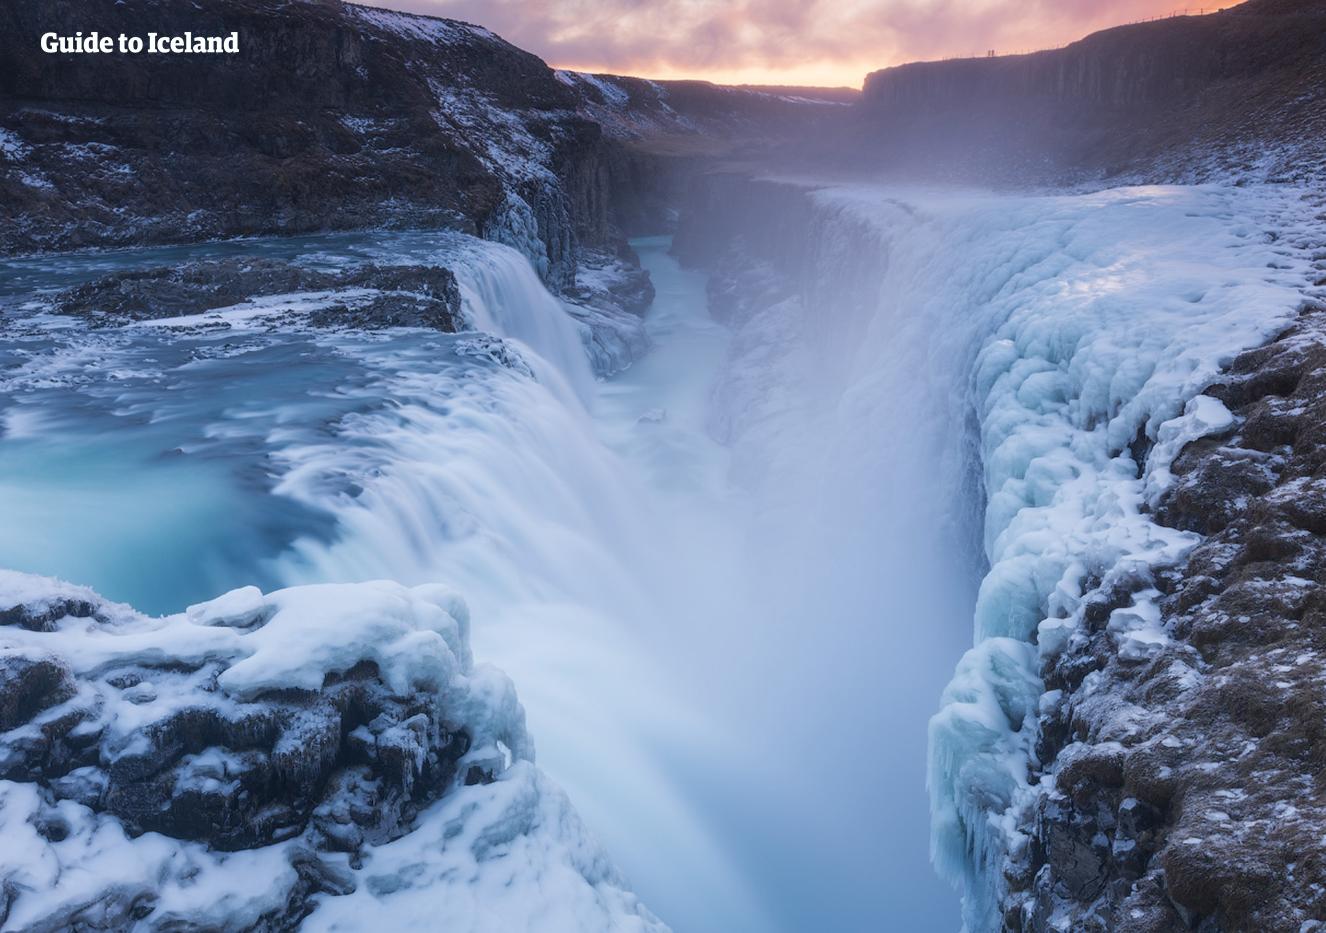 Am Gullfoss-Wasserfall, der sich auf der Golden Circle-Route befindet, werden Kraft und Schönheit vereint.